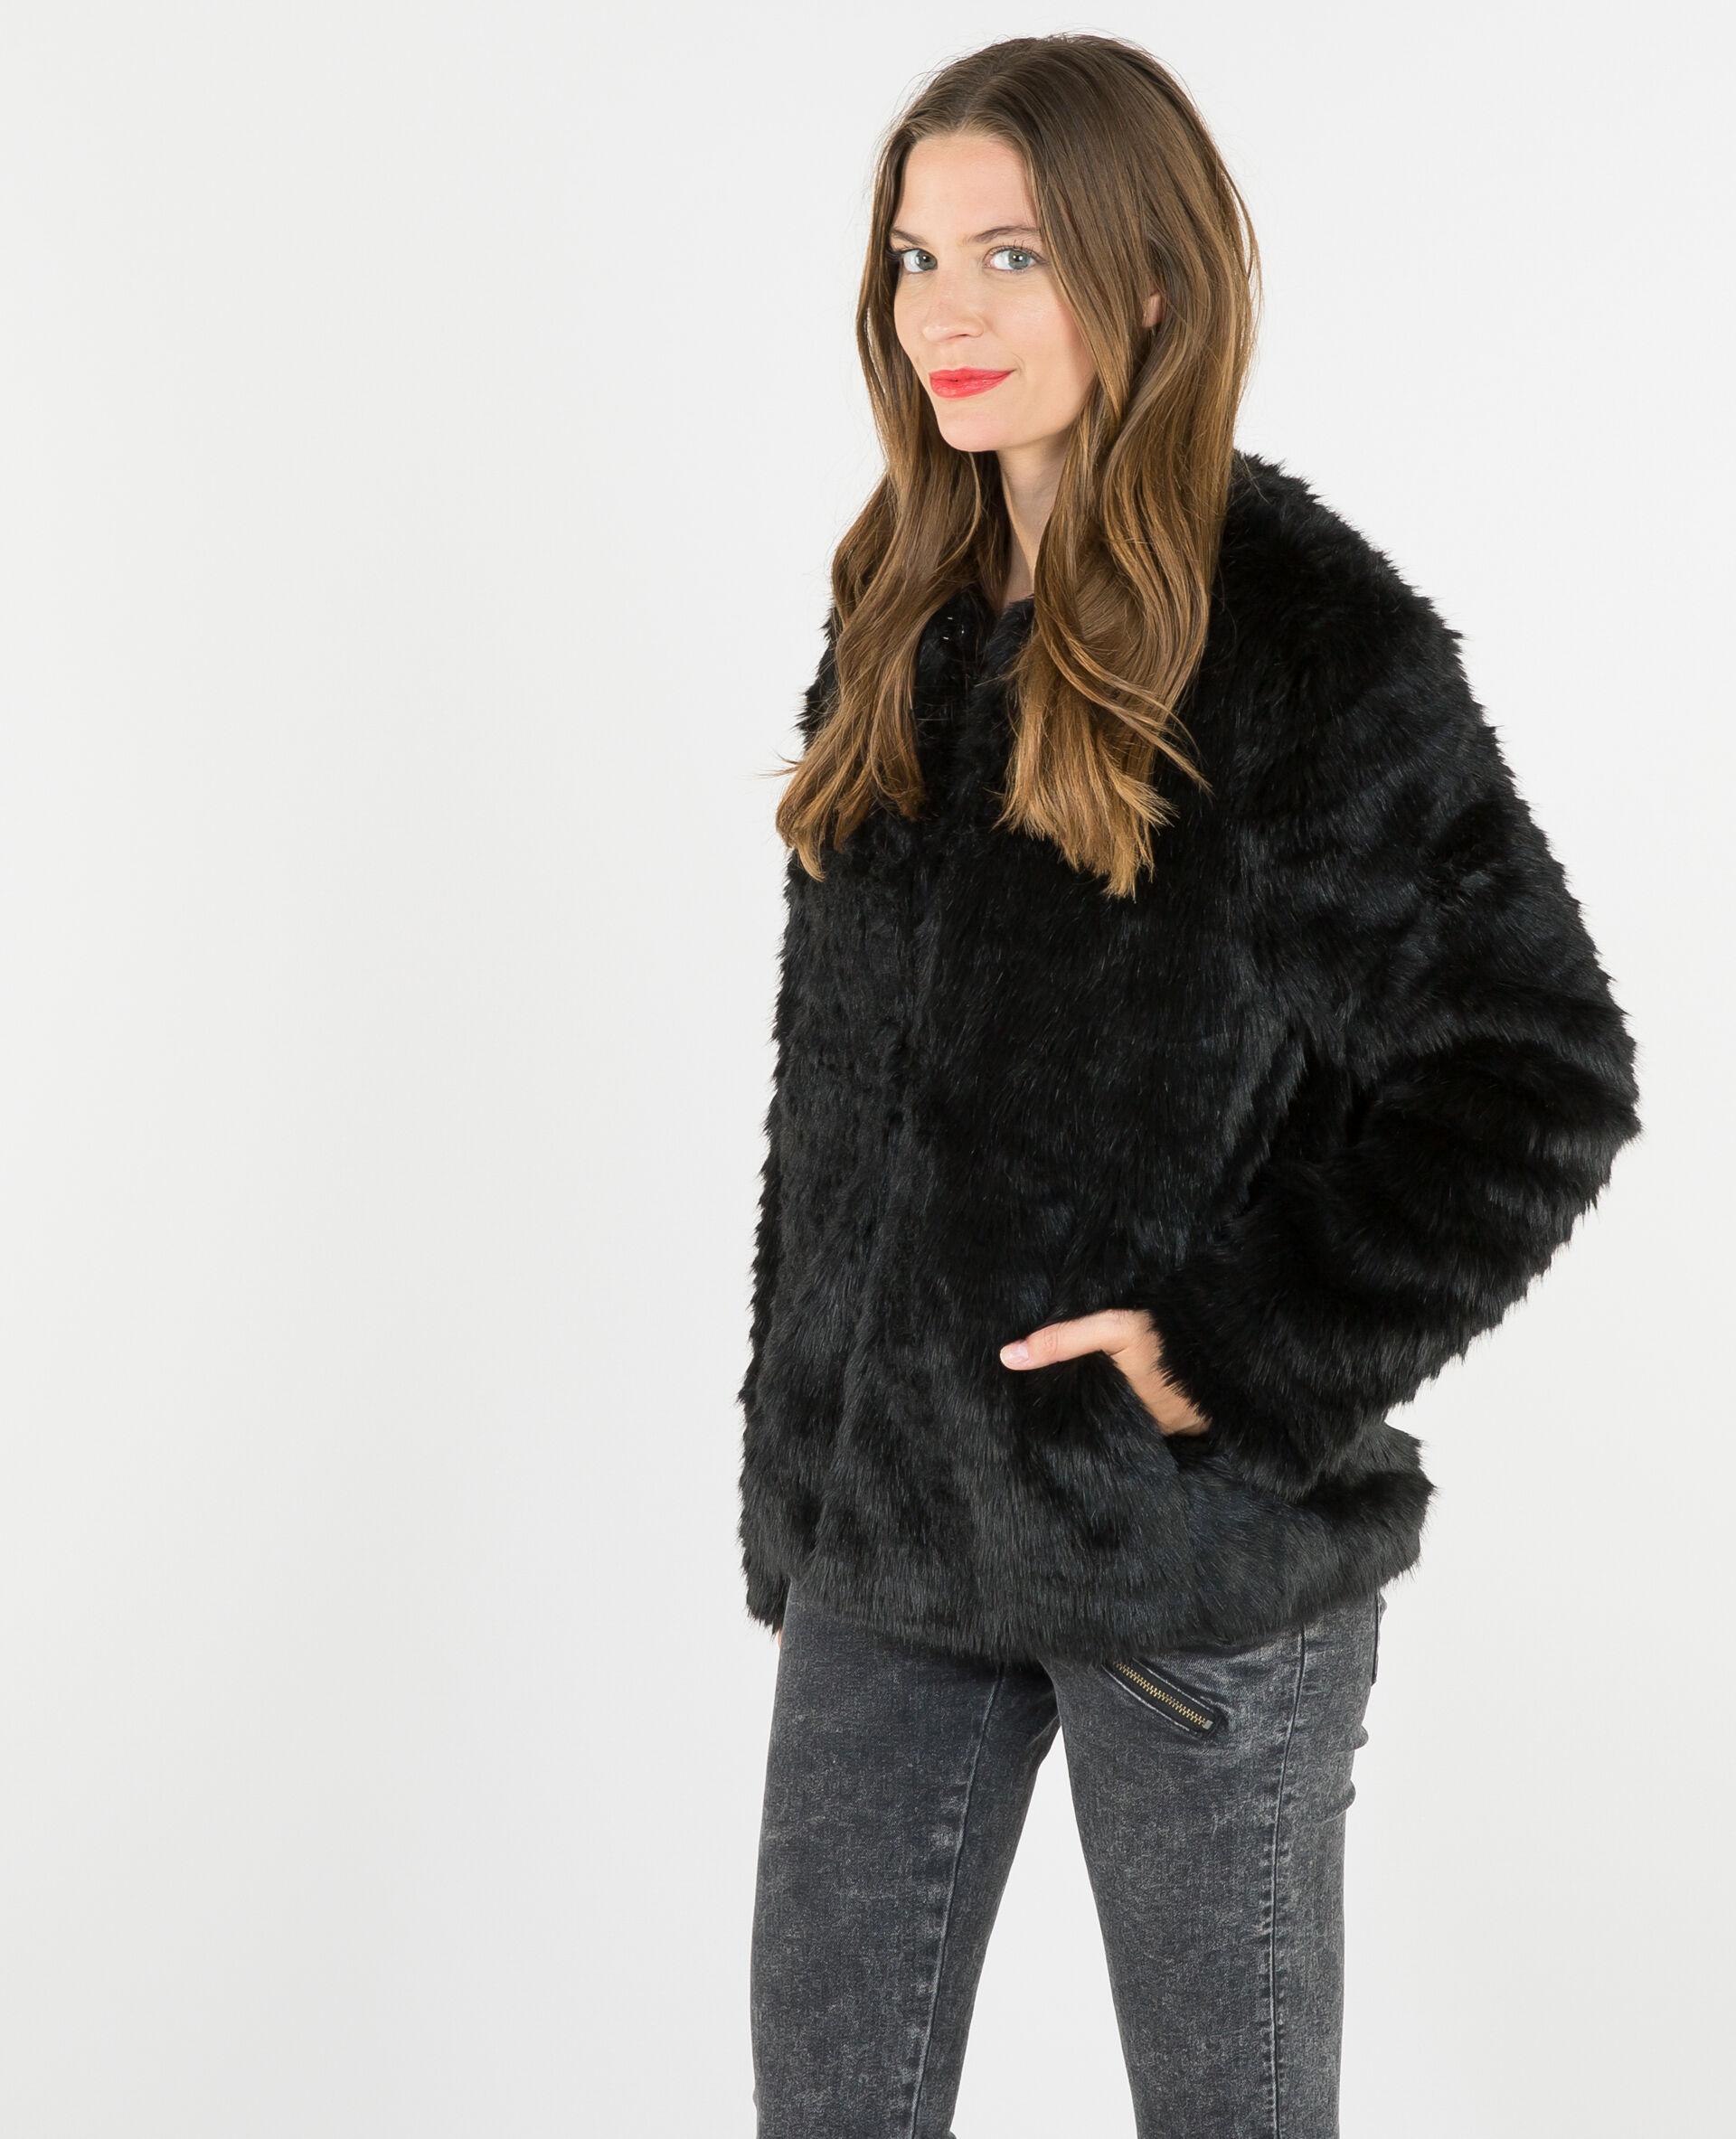 Mantel aus Webpelz Schwarz